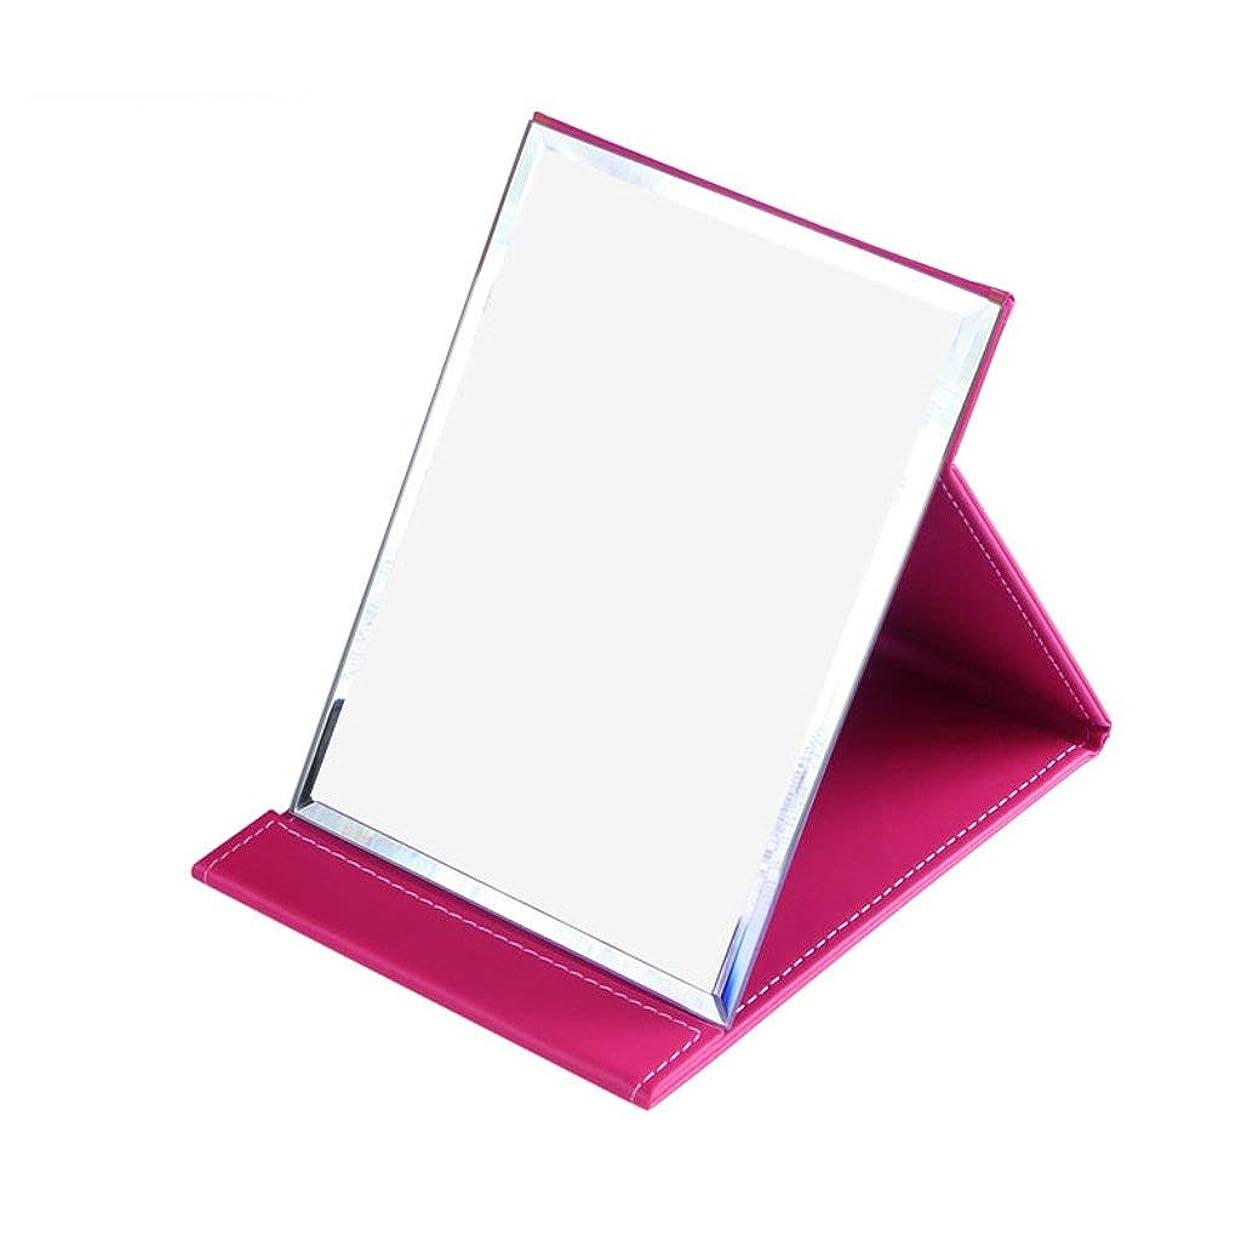 企業優勢葉化粧鏡デスクトップ折りたたみポータブルPU HDバニティミラートラベルシェービングミラーシンプルでモダン(色:ローズレッド、サイズ:18 * 25.5cm)